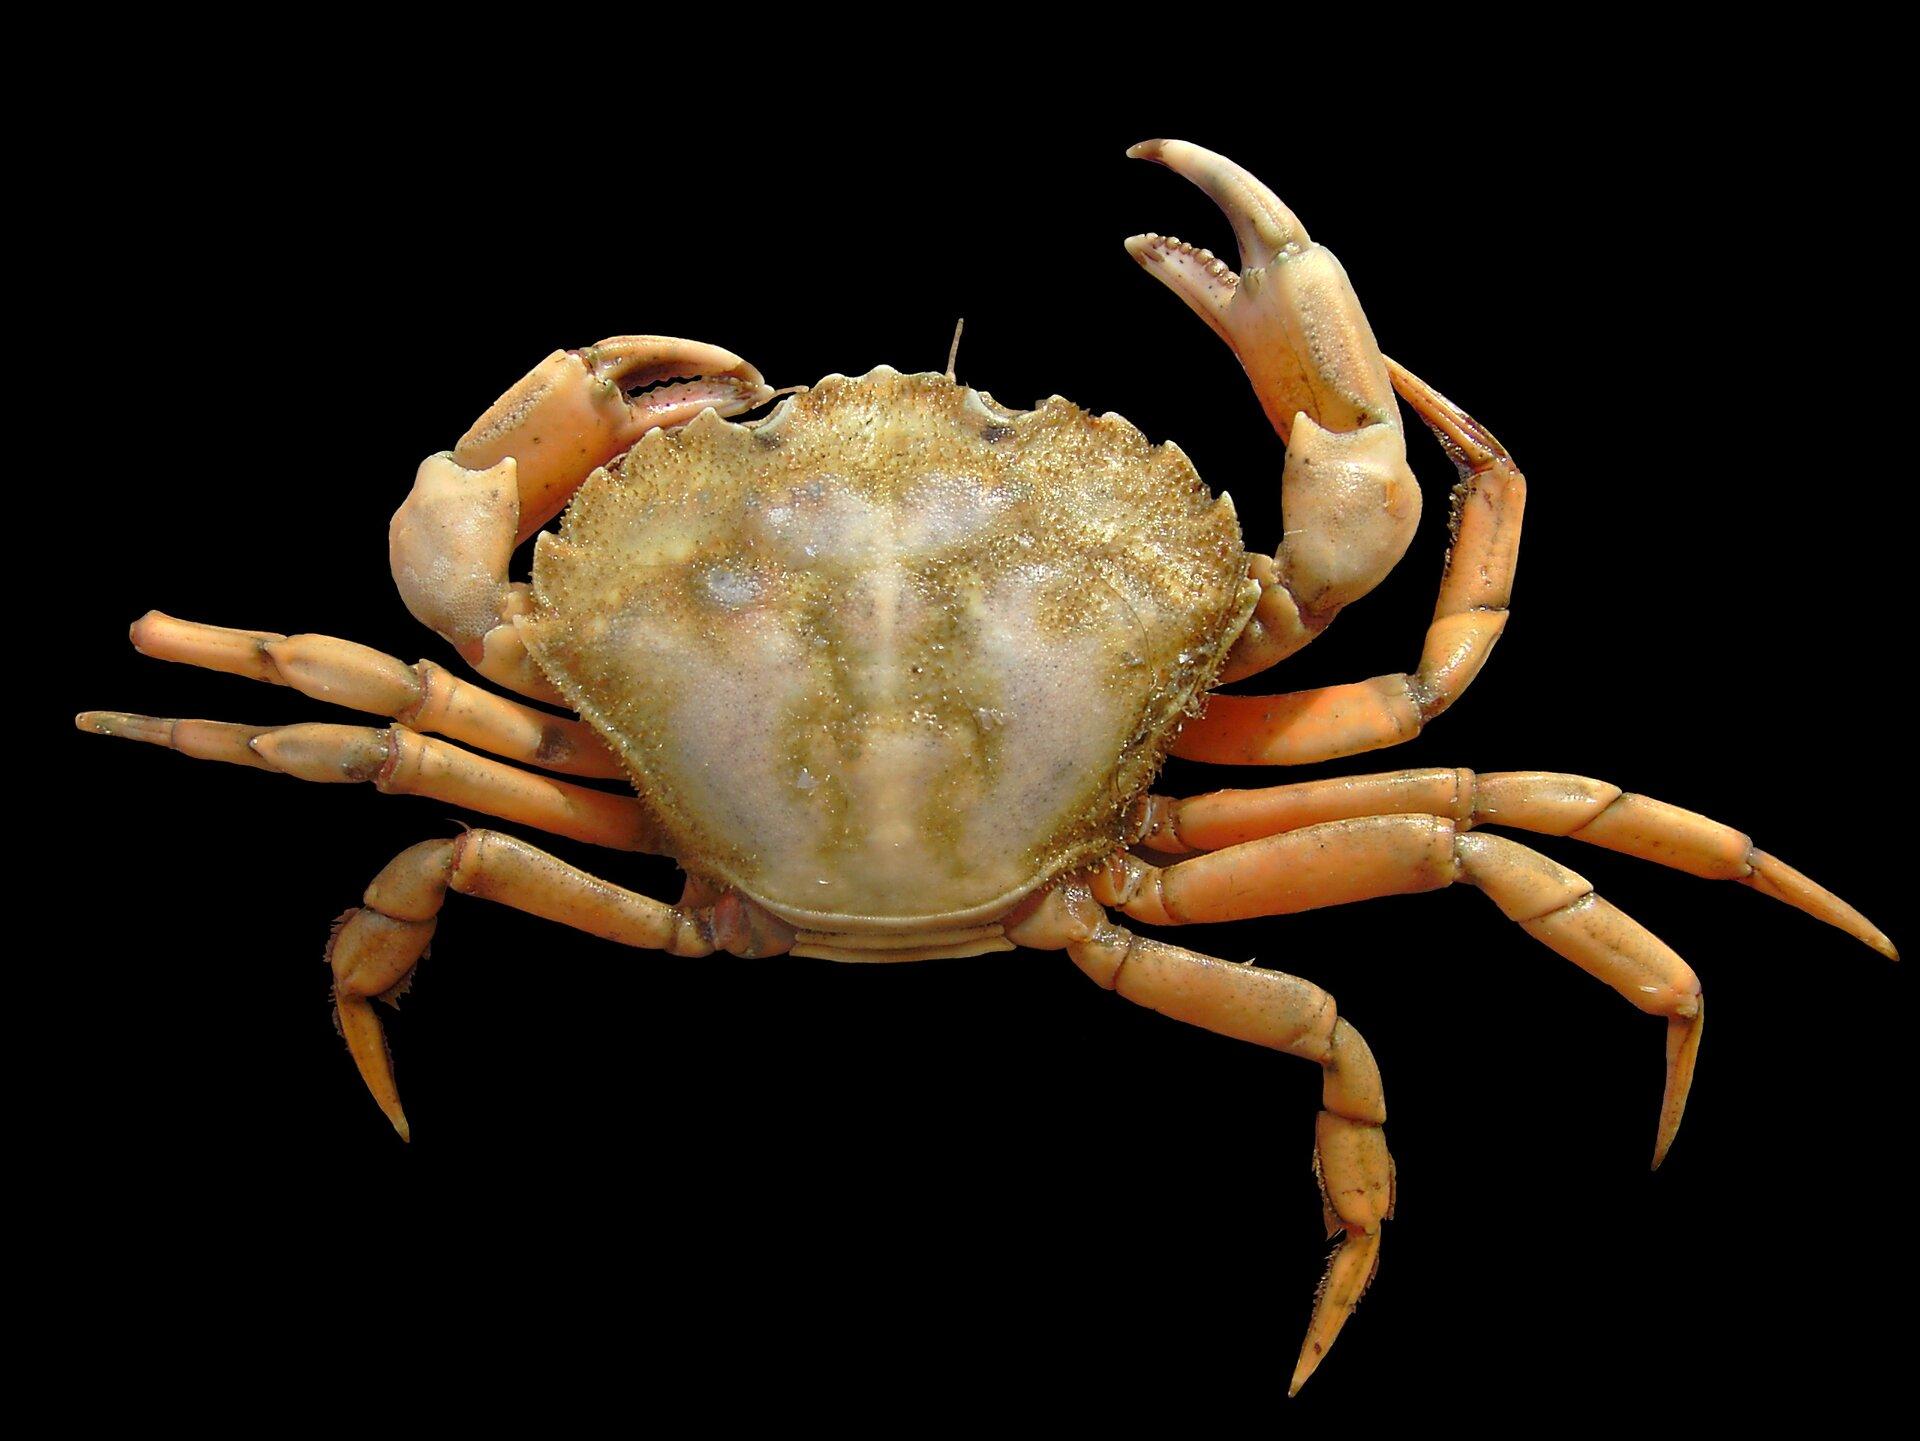 Wgalerii znajdują się fotografie przedstawicieli skorupiaków. Fotografia przedstawia na czarnym tle jasnopomarańczowego kraba. Głowotułów spłaszczony, odwrócony trójkąt. Odnóża spore, szczypce niezbyt wielkie. To raczyniec jadalny zBałtyku.